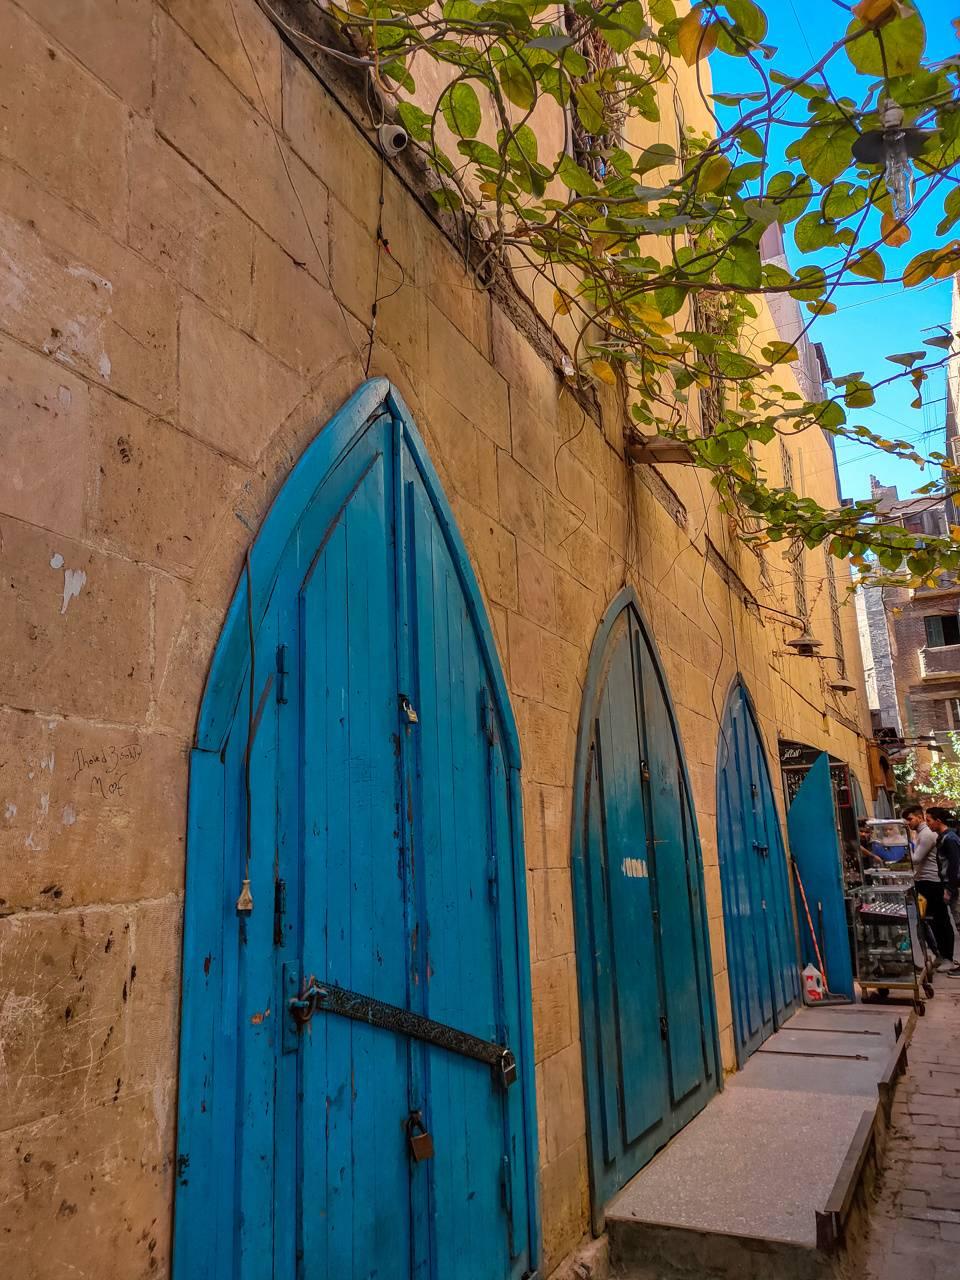 El moez street cairo